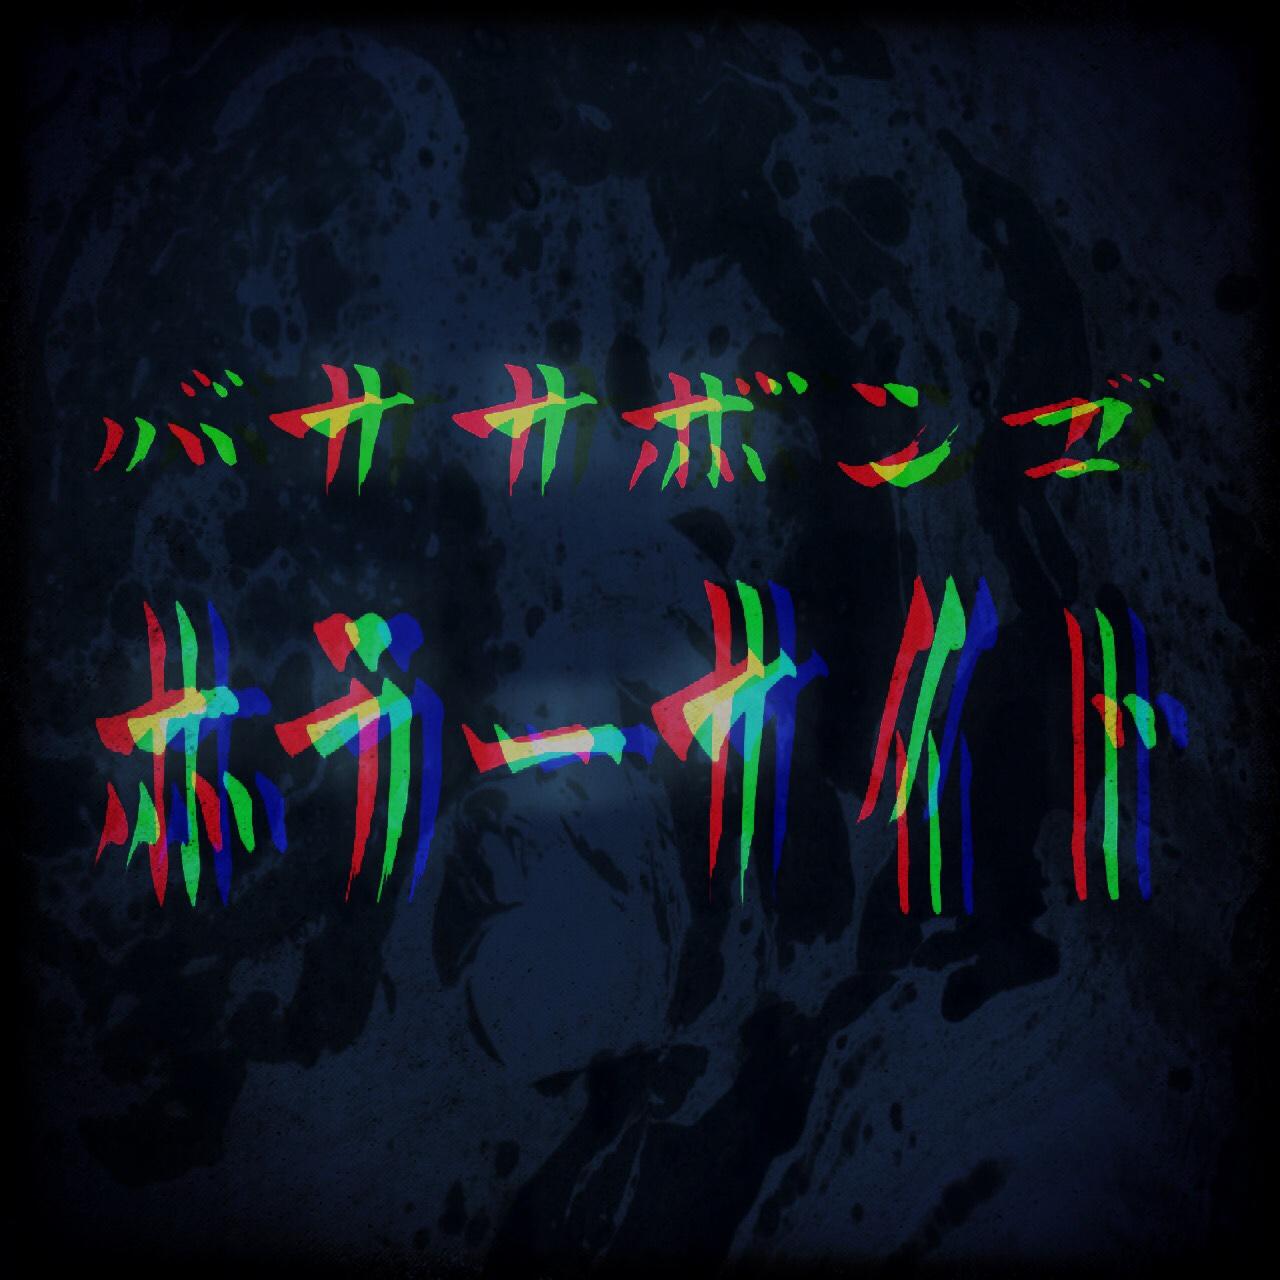 【告知】「ホラーナイト」【9/25(水)19:00~】フライヤー